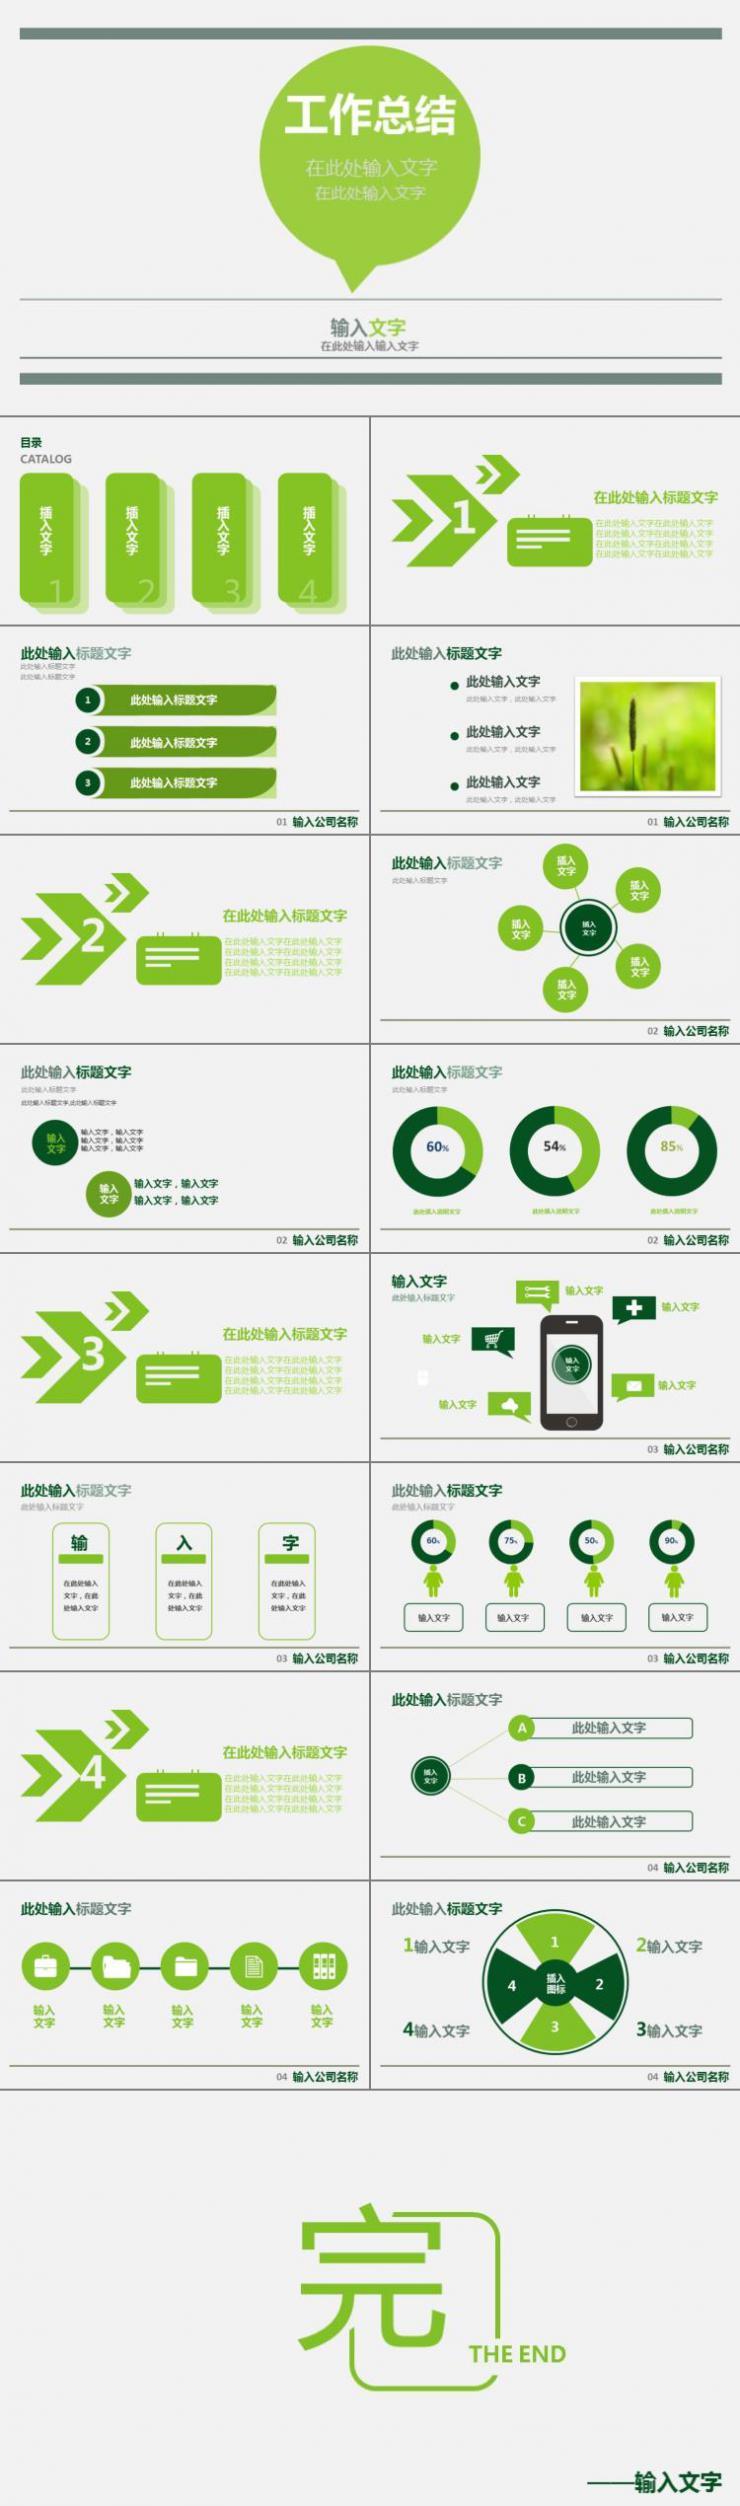 绿色201X年终工作总结PPT模板